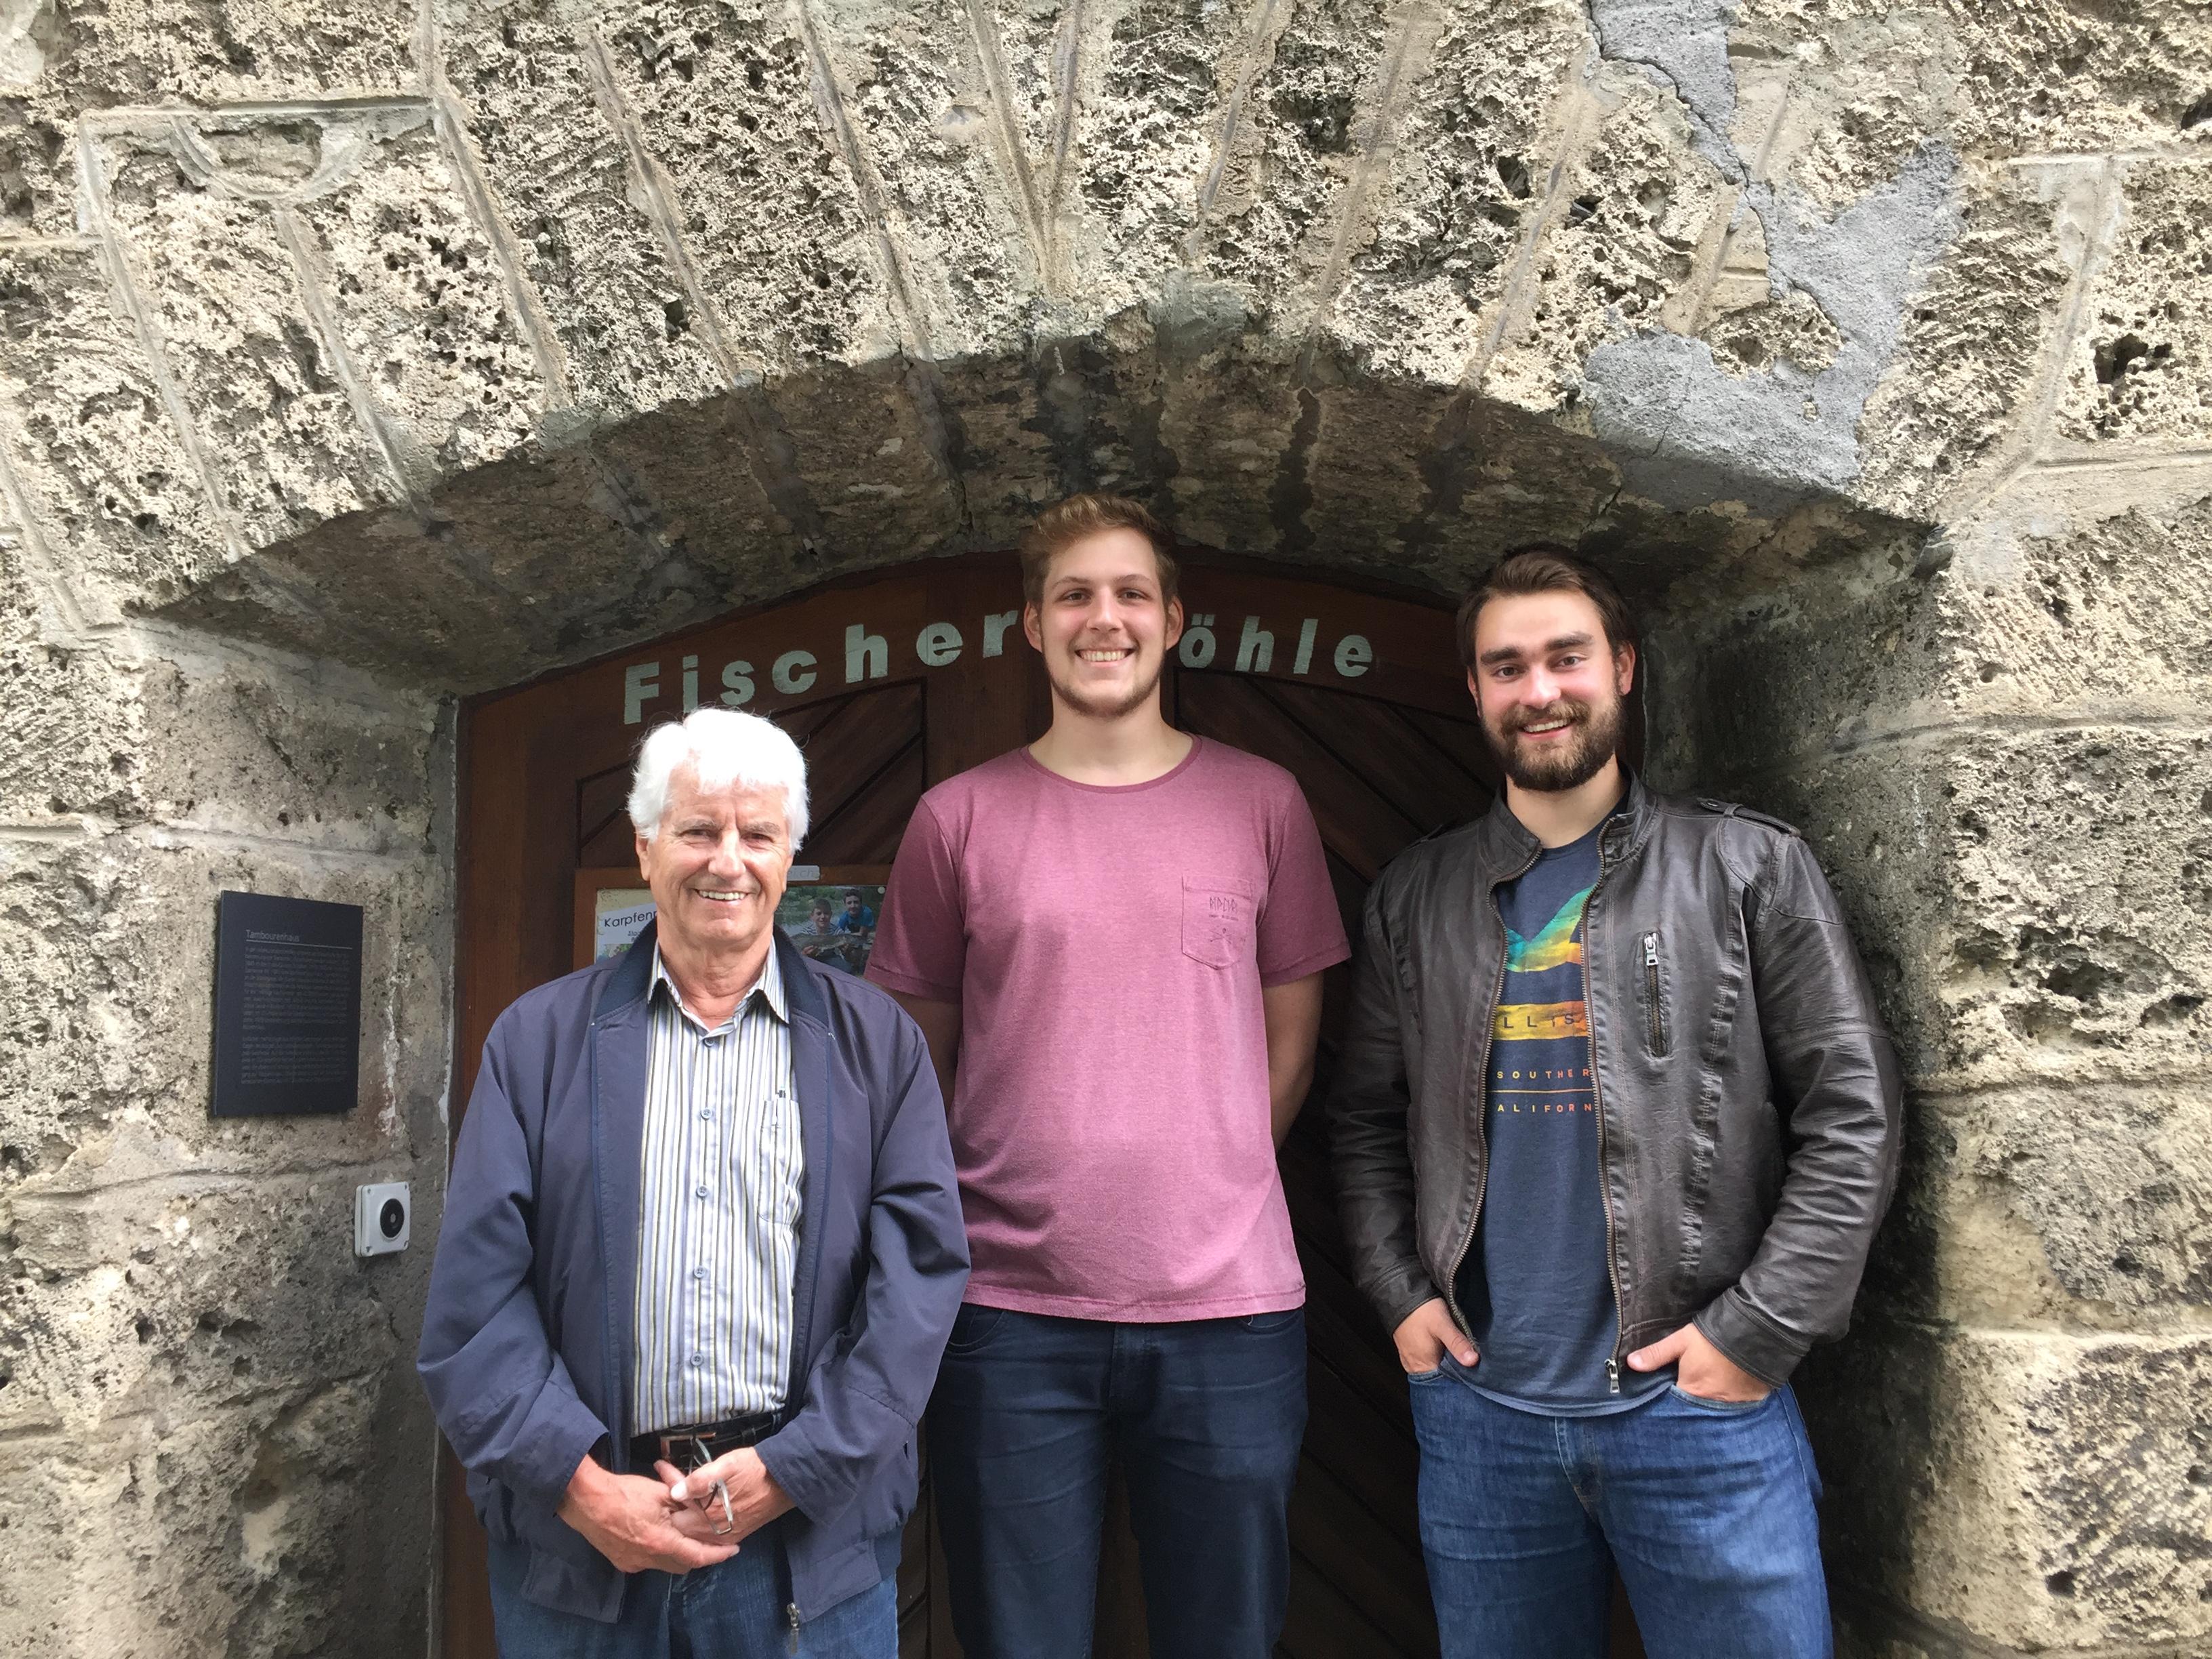 Aufseher Rico Eigenmann (MItte), Aufseher-Stellvertreter Guido Bundi (links) und Roman Hediger (rechts)